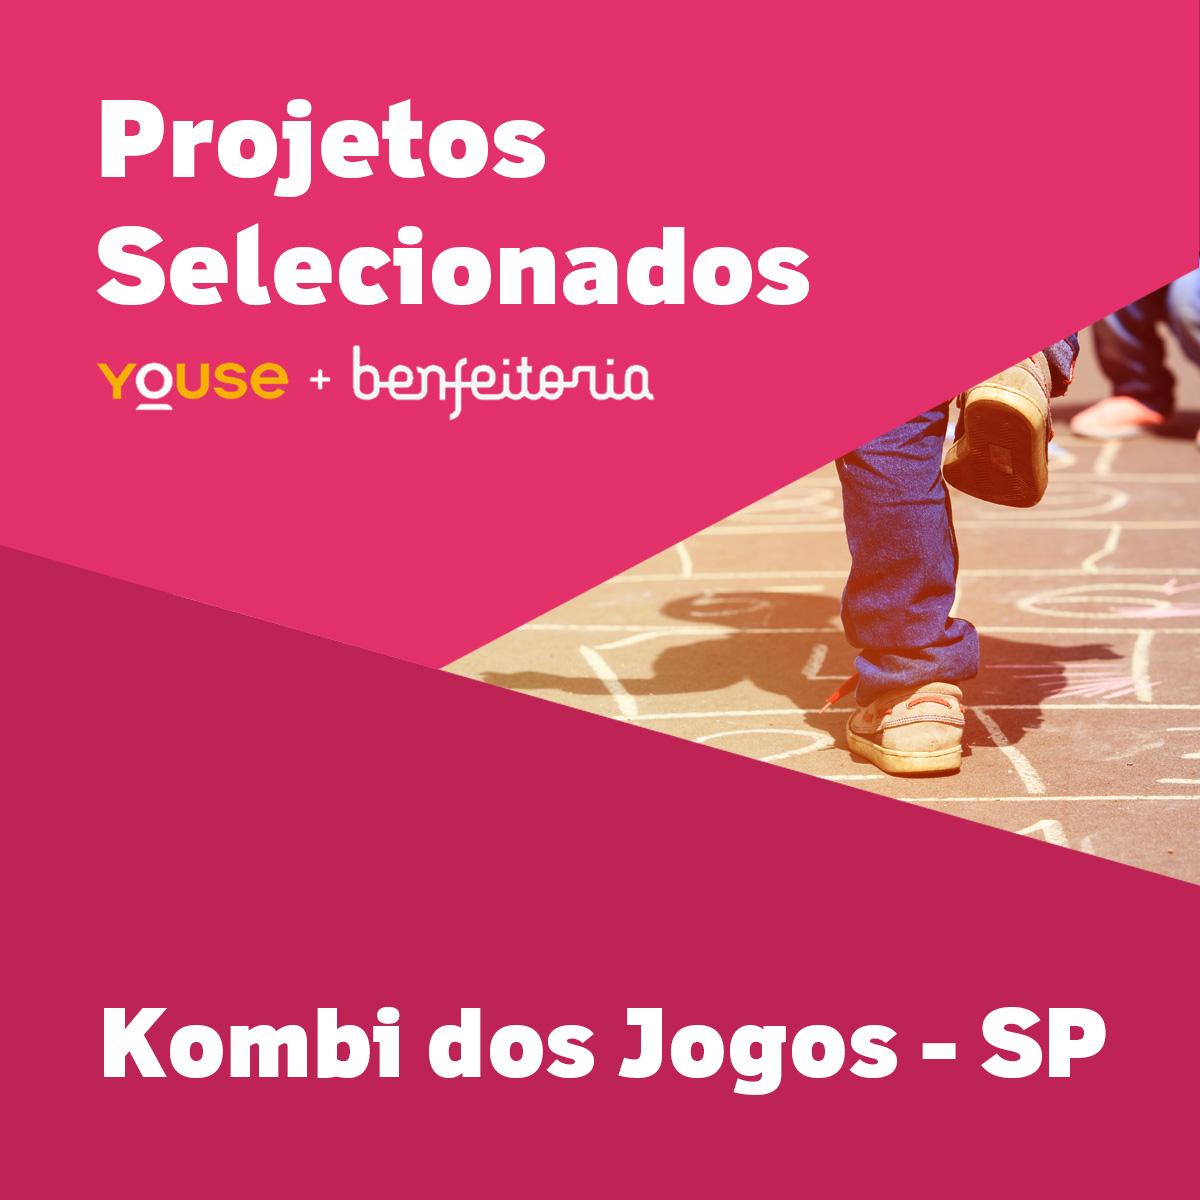 Projetos Selecionados - Kombi dos Jogos - SP